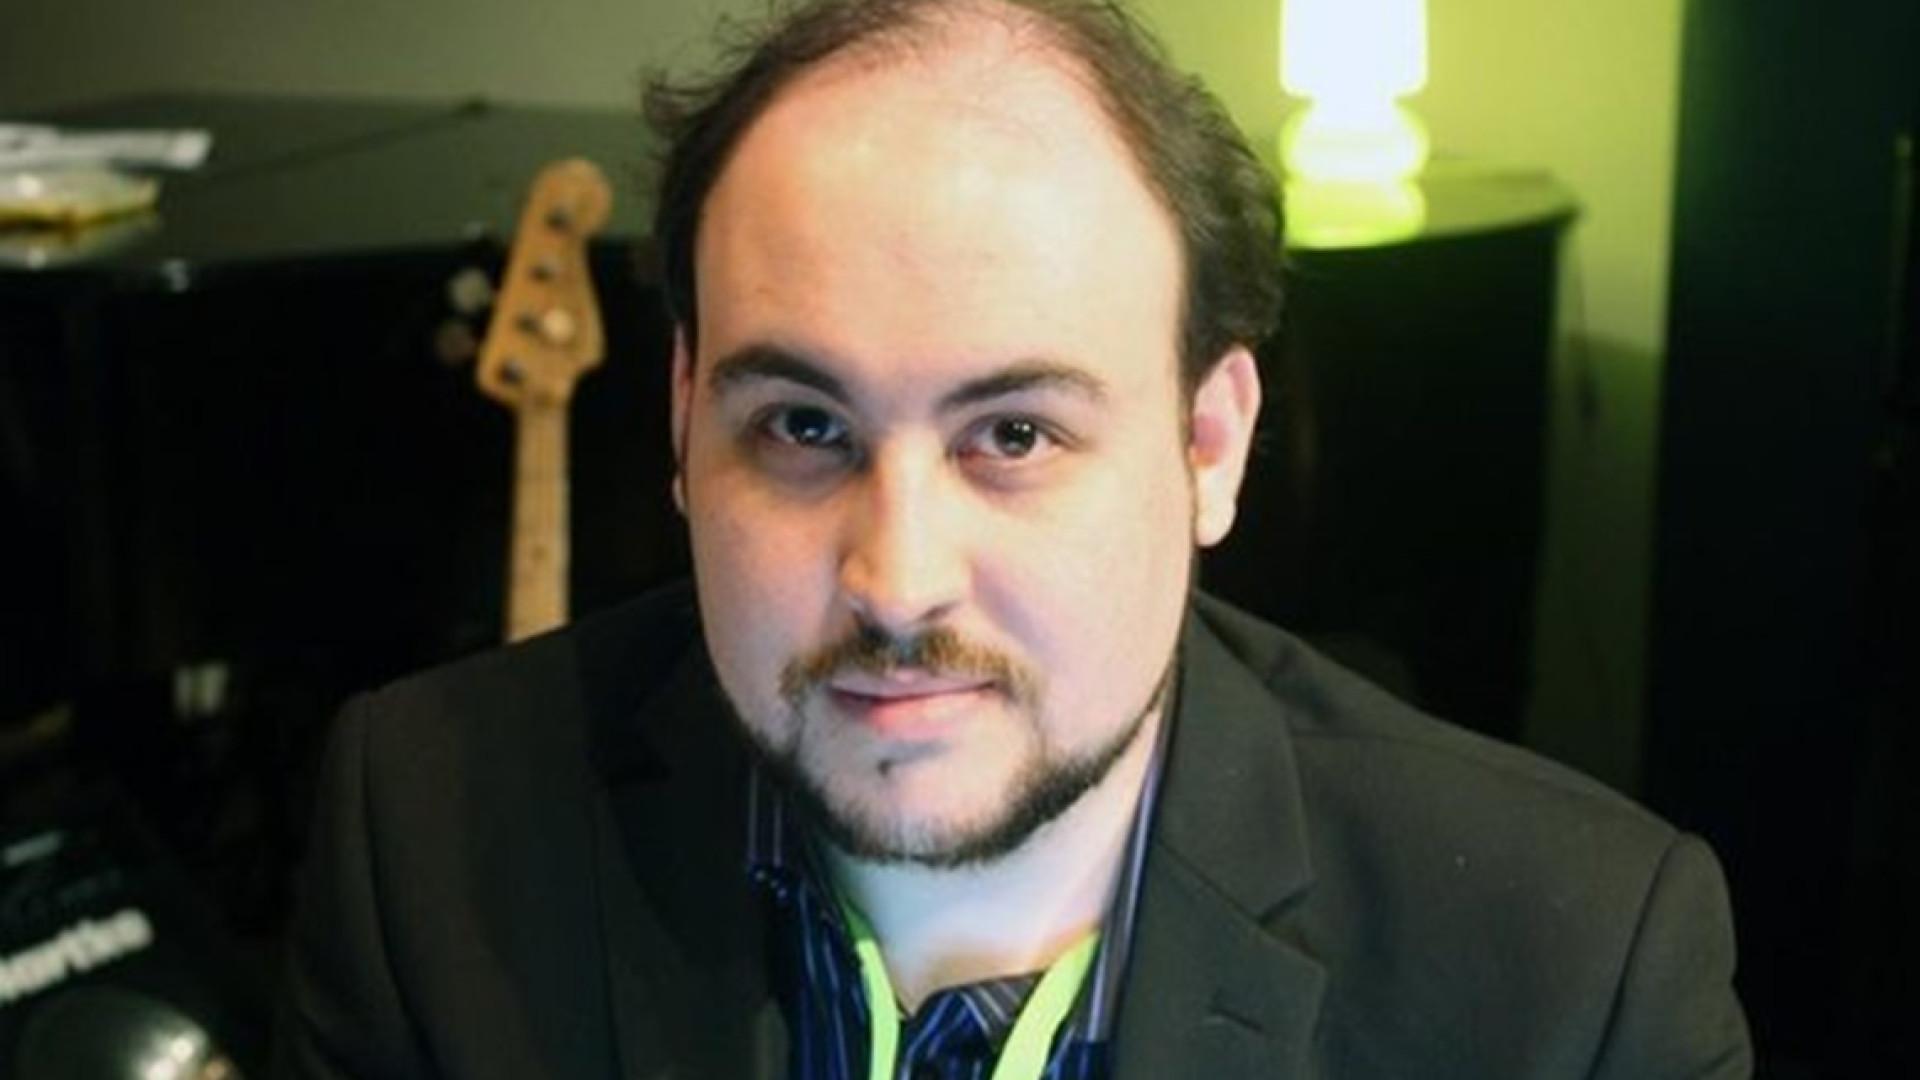 Morreu 'TotalBiscuit', um dos youtubers de gaming mais populares